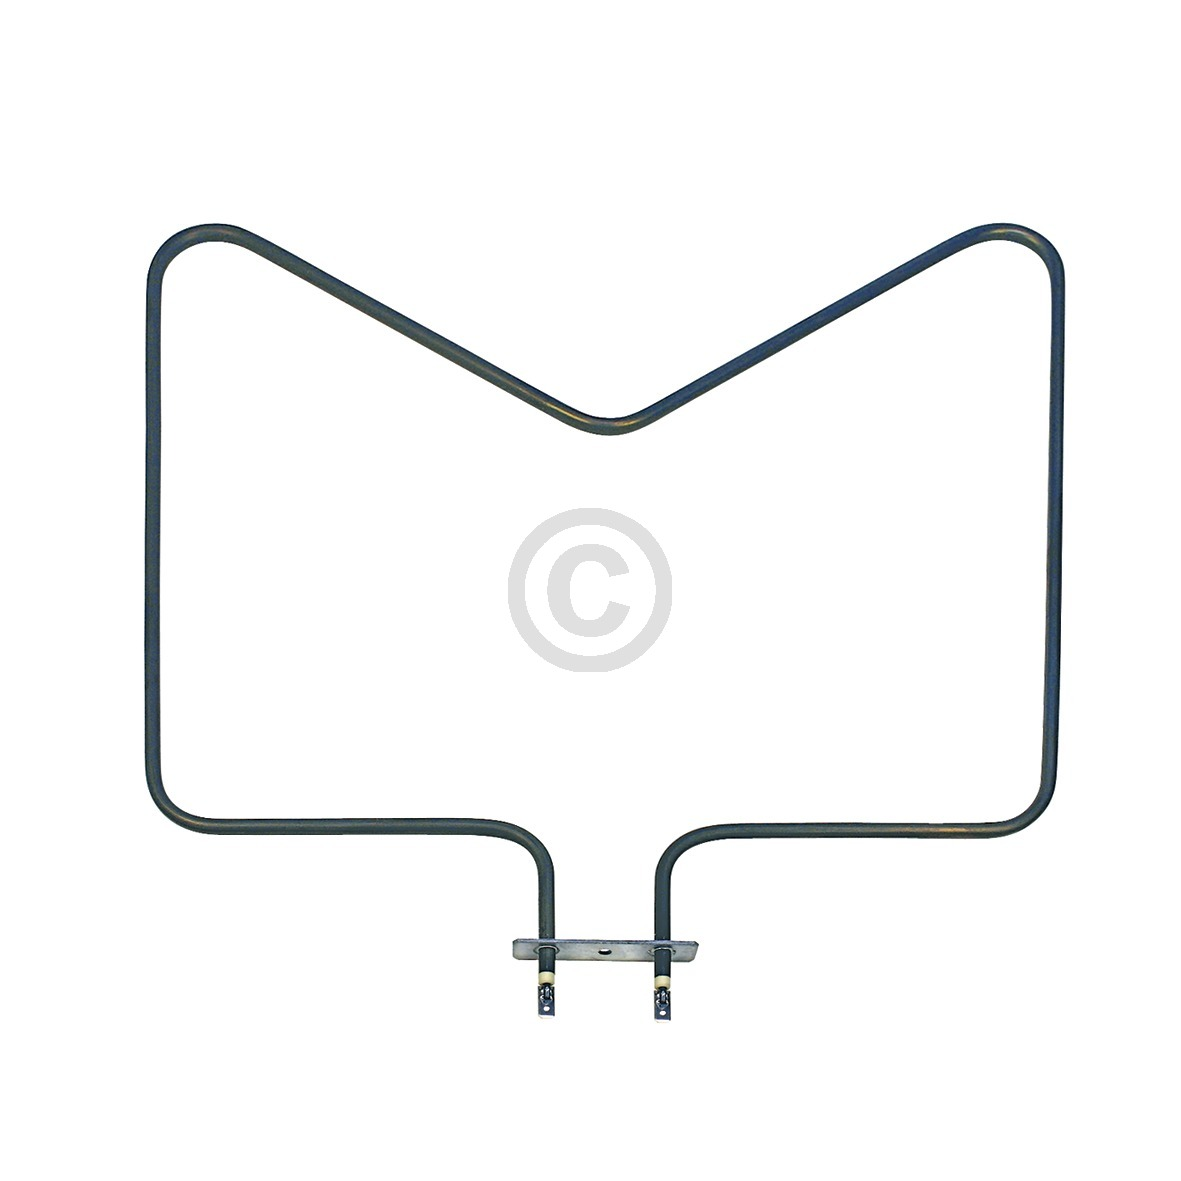 Heizelement Unterhitze 1150W 230V, OT! 480121100591 Bauknecht, Whirlpool, Ikea